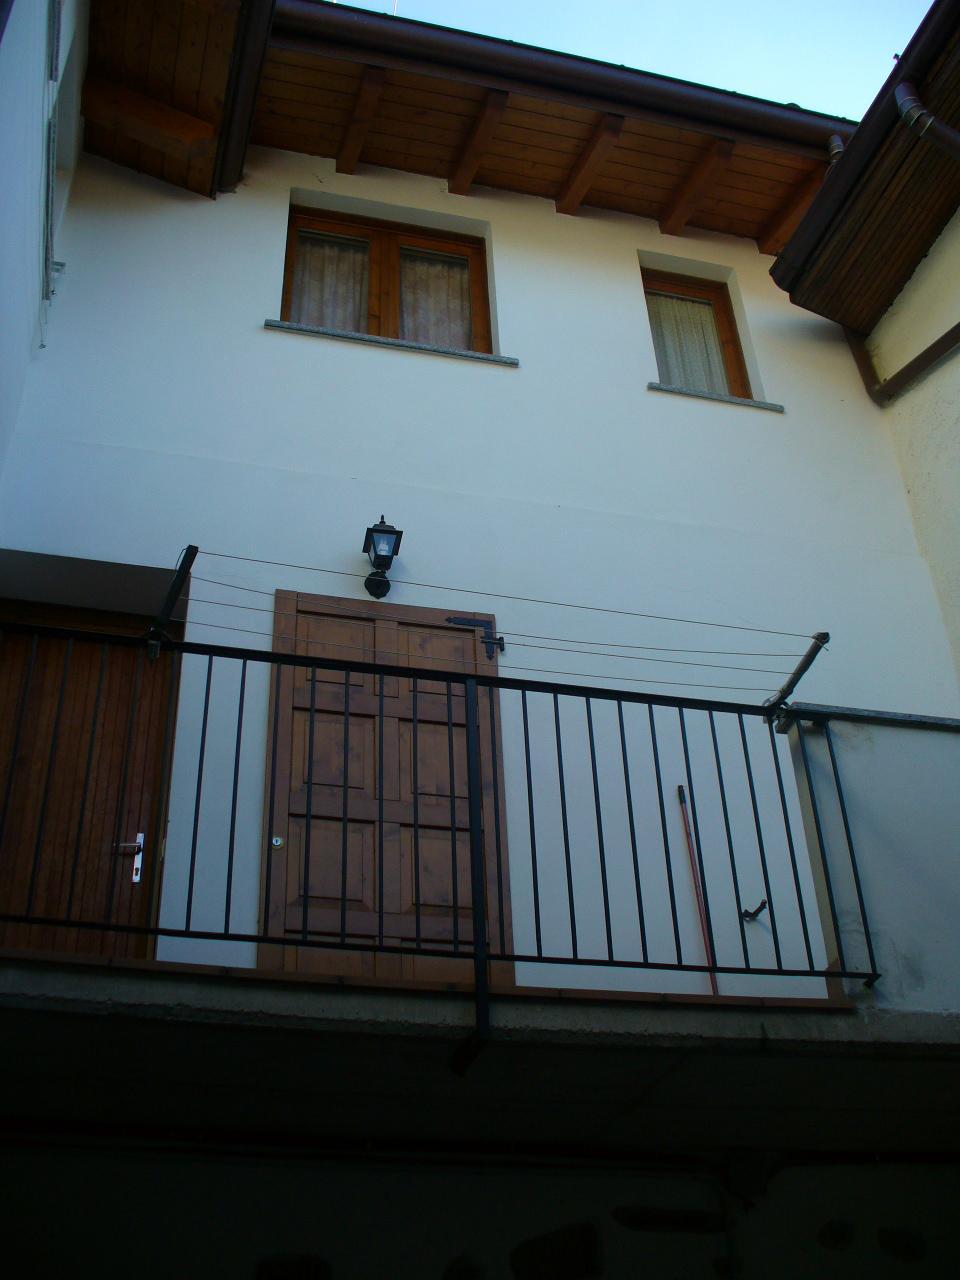 Appartamento in affitto a Barzio, 2 locali, zona Località: centro, prezzo € 250 | CambioCasa.it